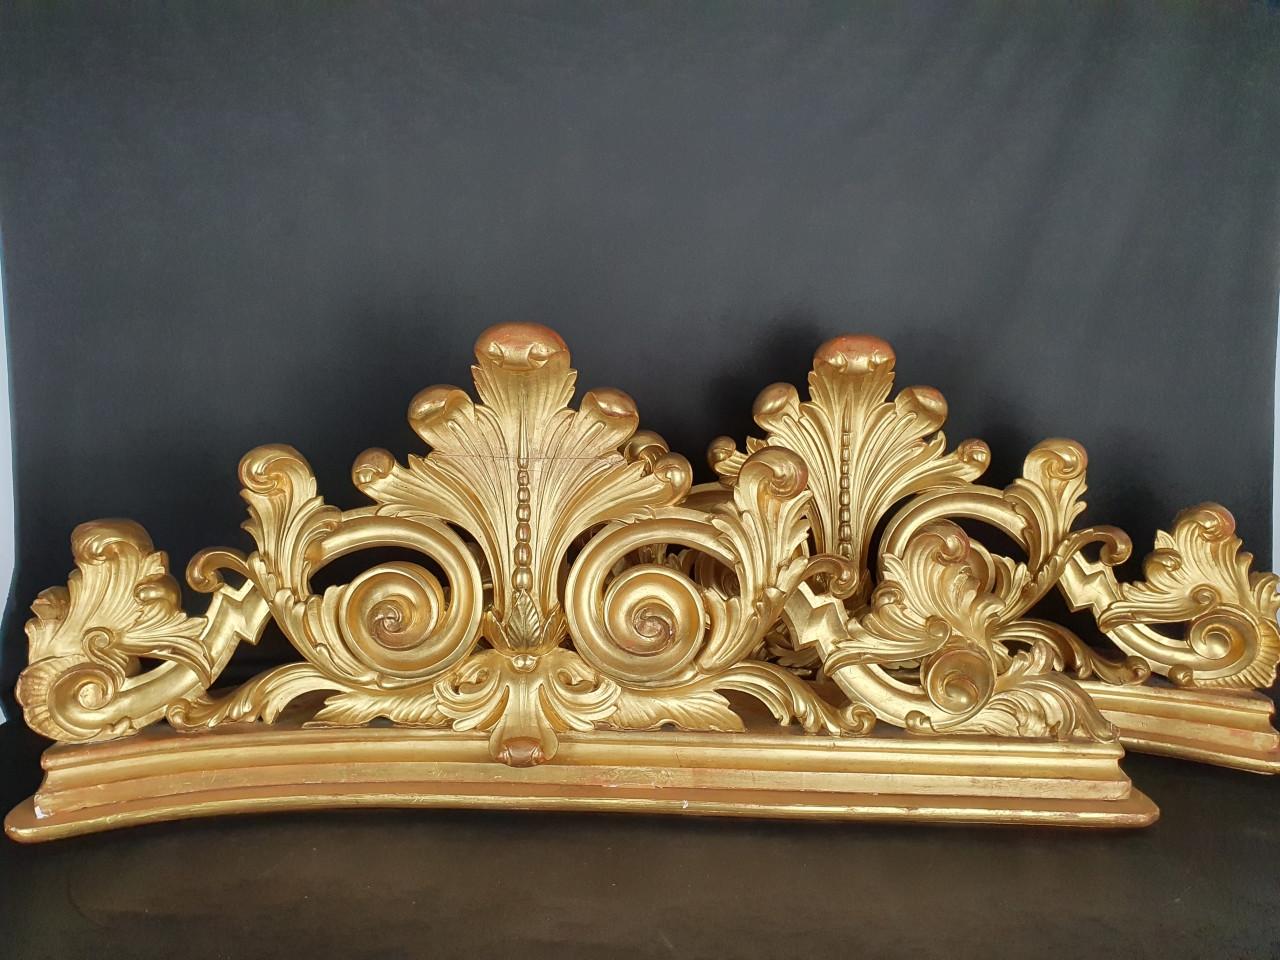 mensole-in-legno-dorato-del-xix-secolo - Antichità Ioviero